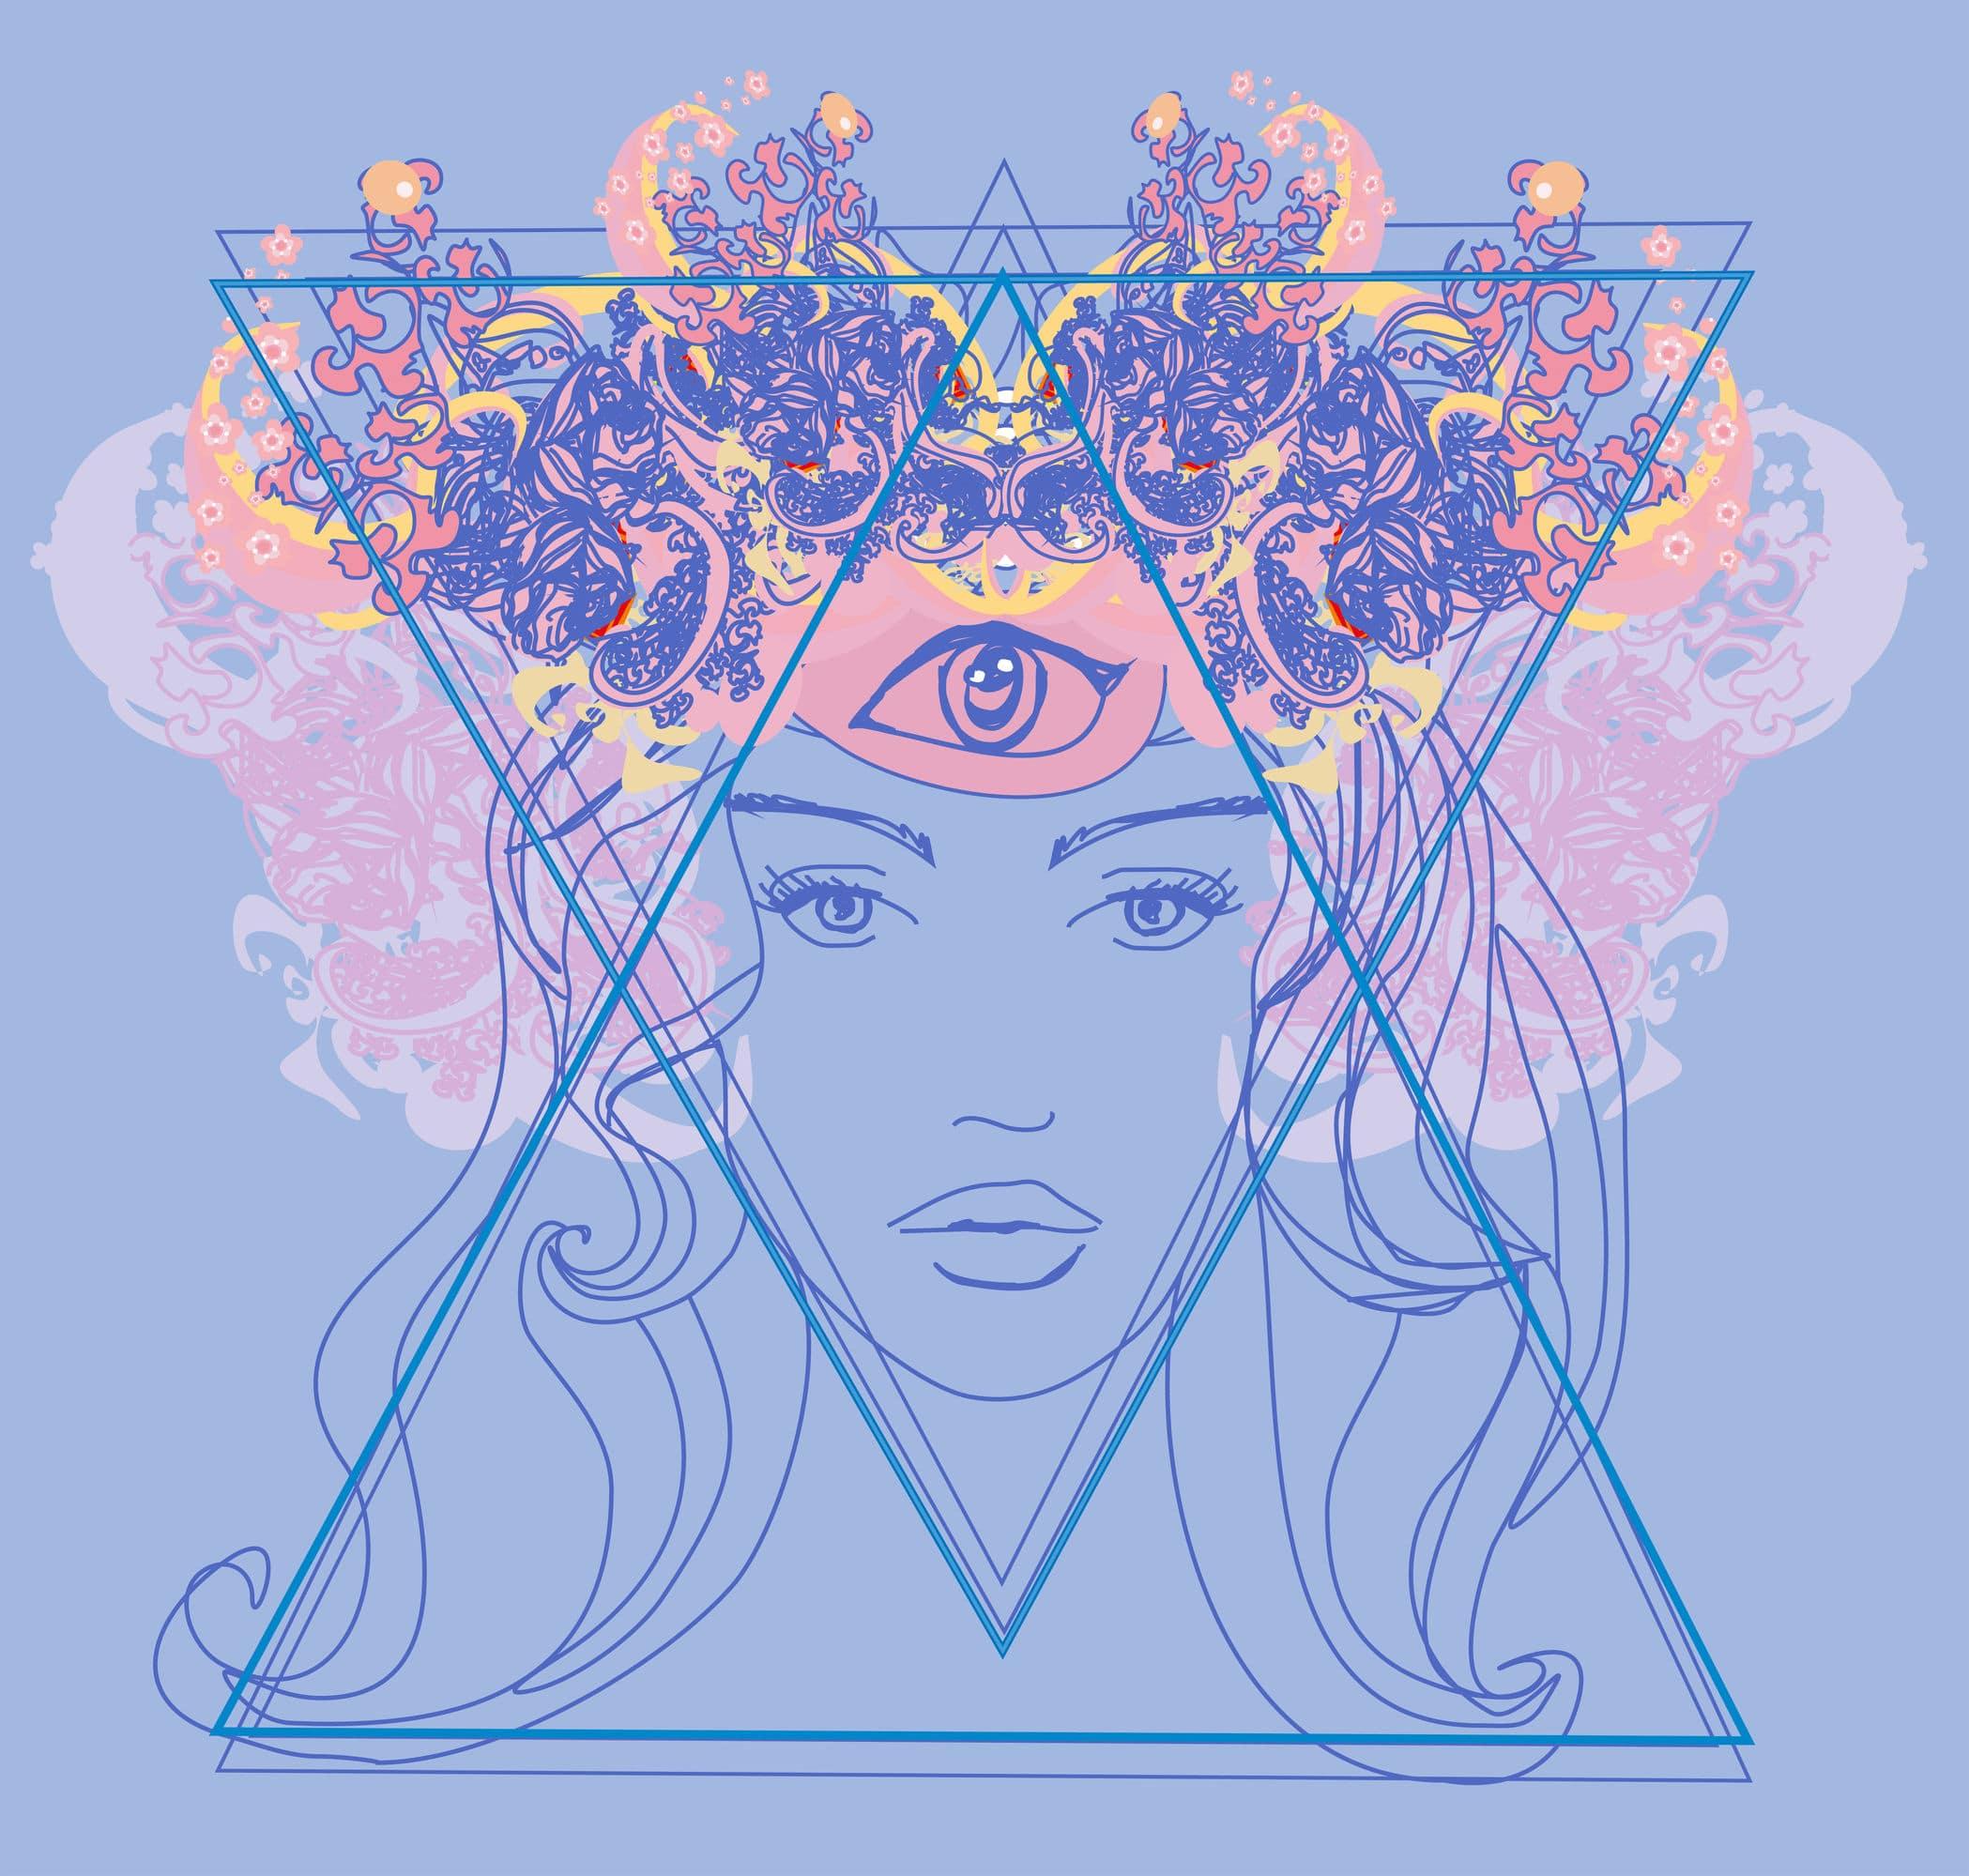 Mulher com terceiro olho. Sentidos supernaturais. Conceito de clarividência e intuição.